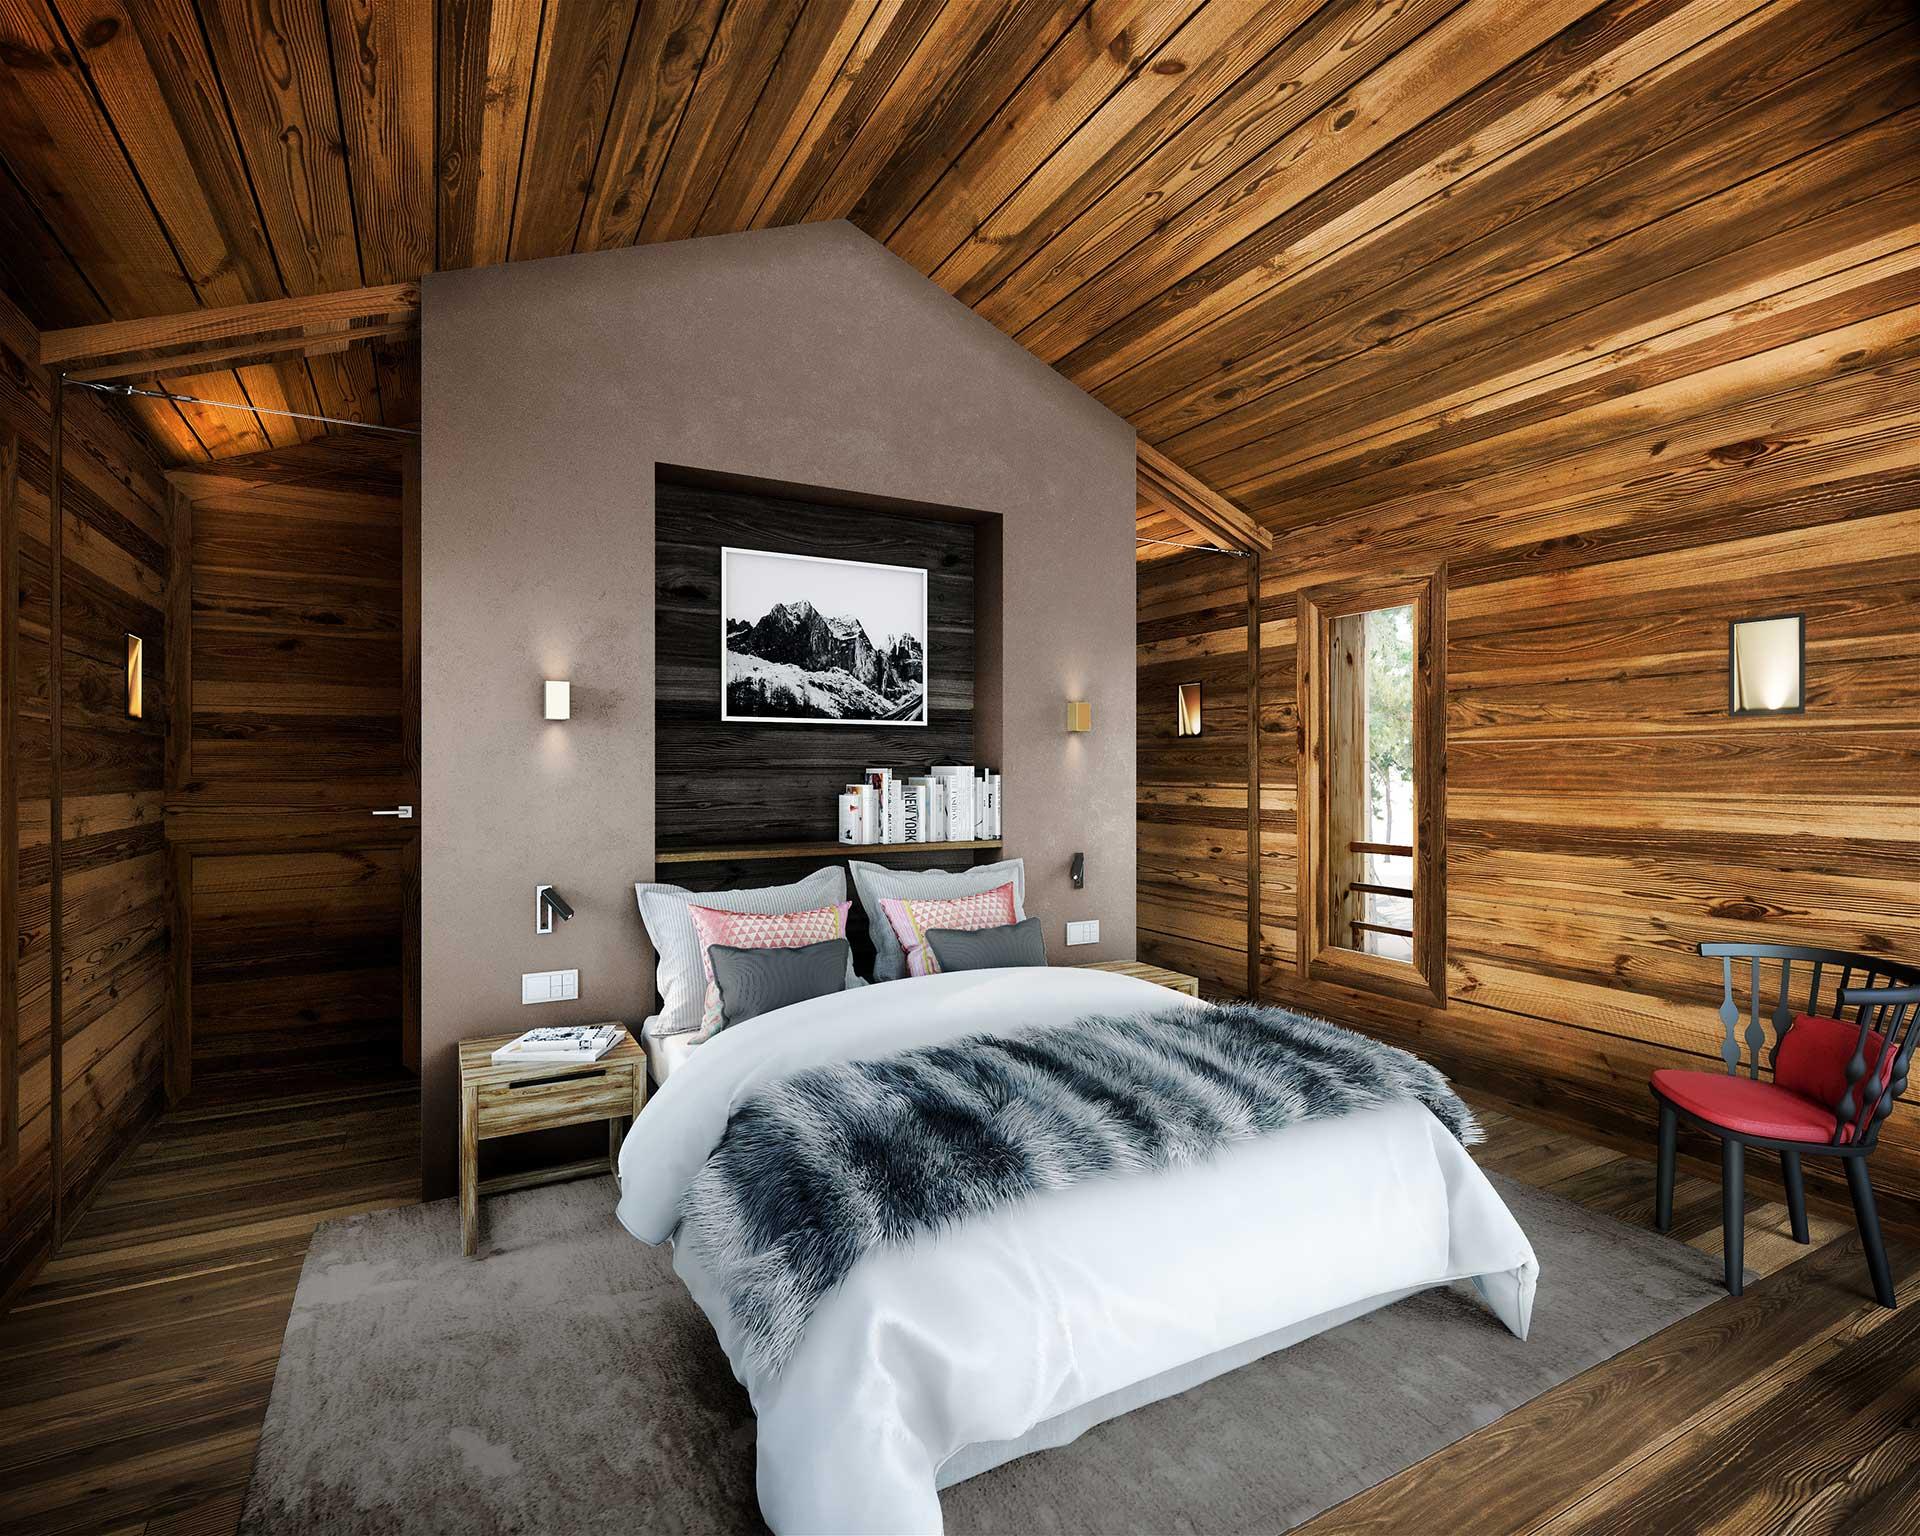 3D computer generated image - Highend cabin bedroom